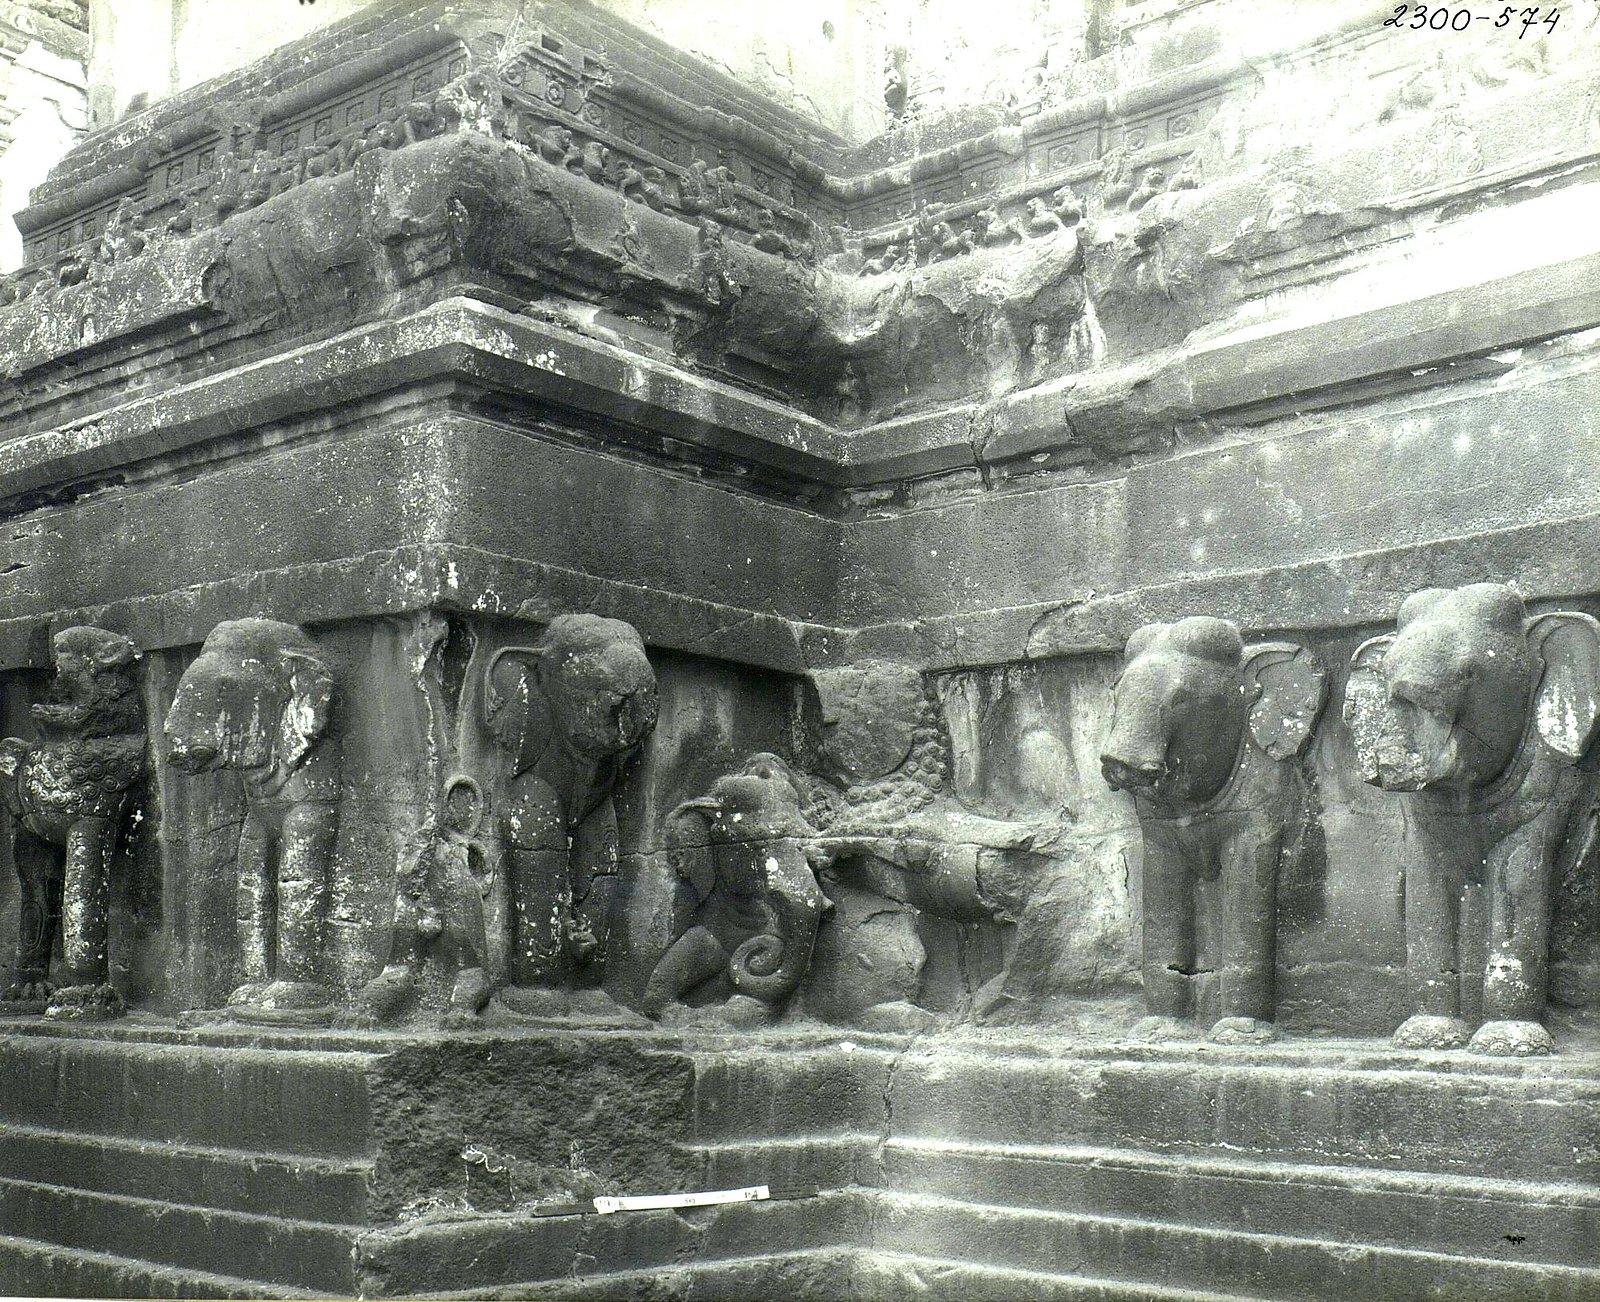 Храм Кайласа в Эллоре (деталь рельефа со слонами и львами) (7)